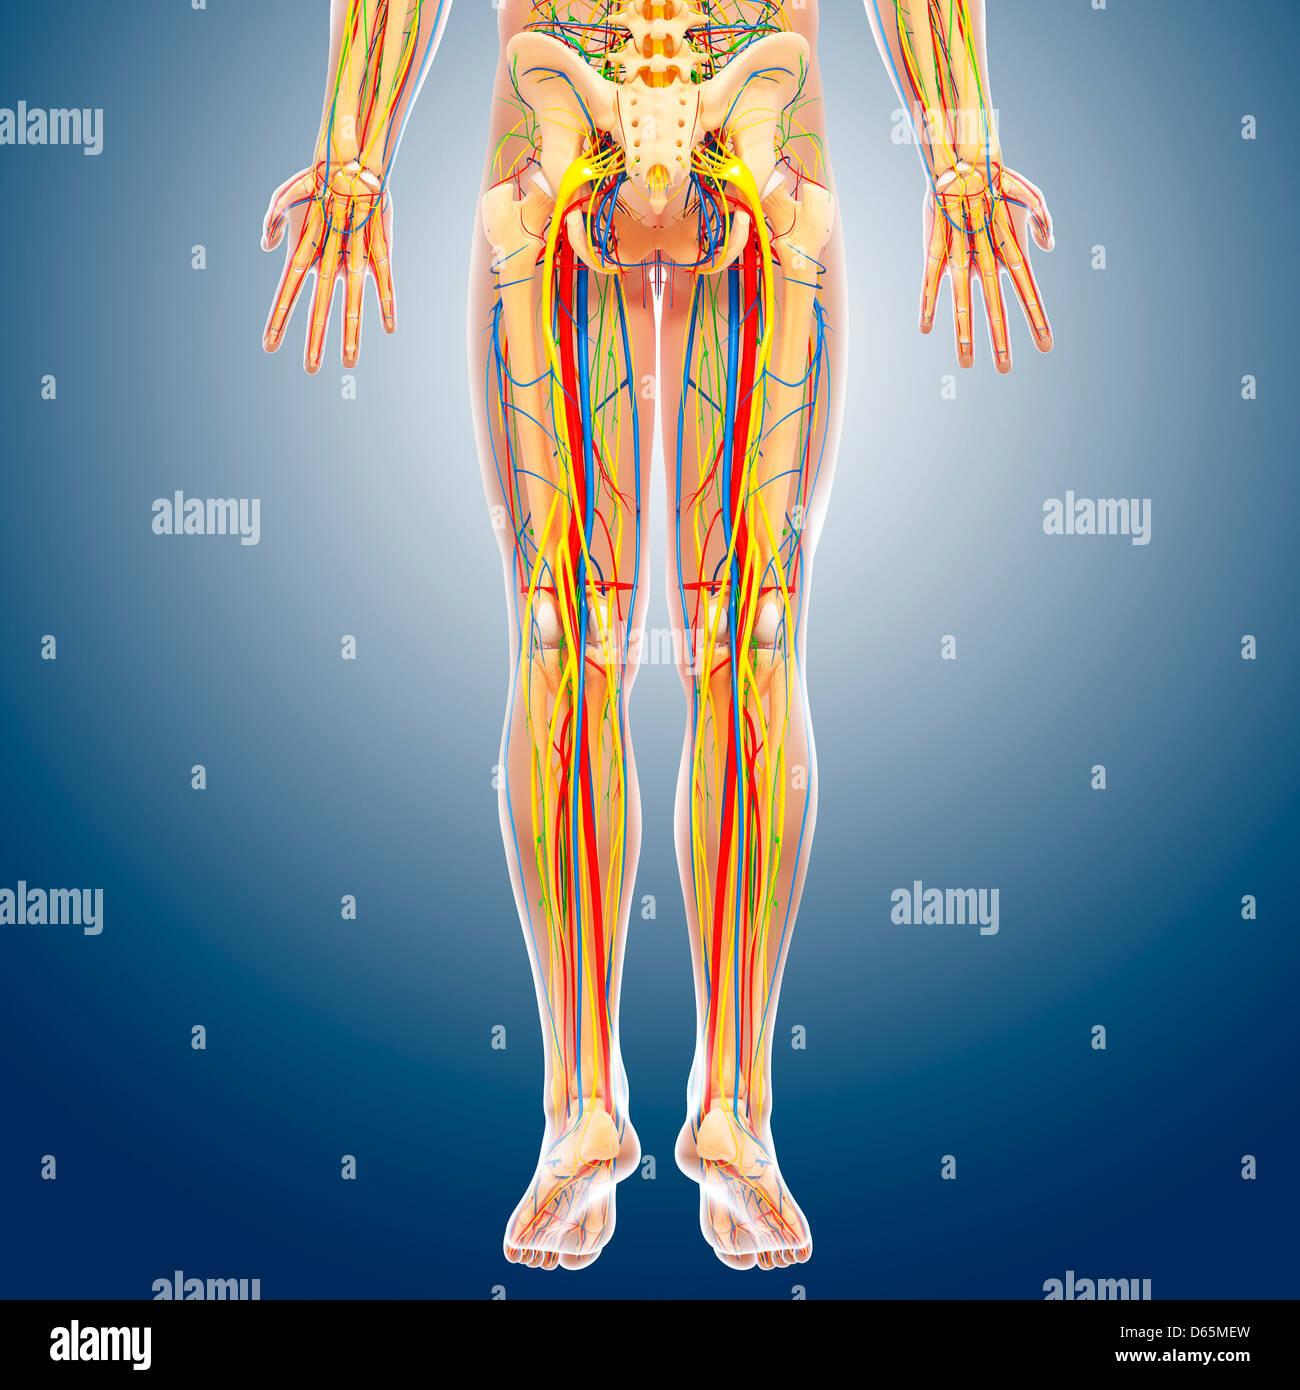 Unteren Körper Anatomie, artwork Stockfoto, Bild: 55444897 - Alamy